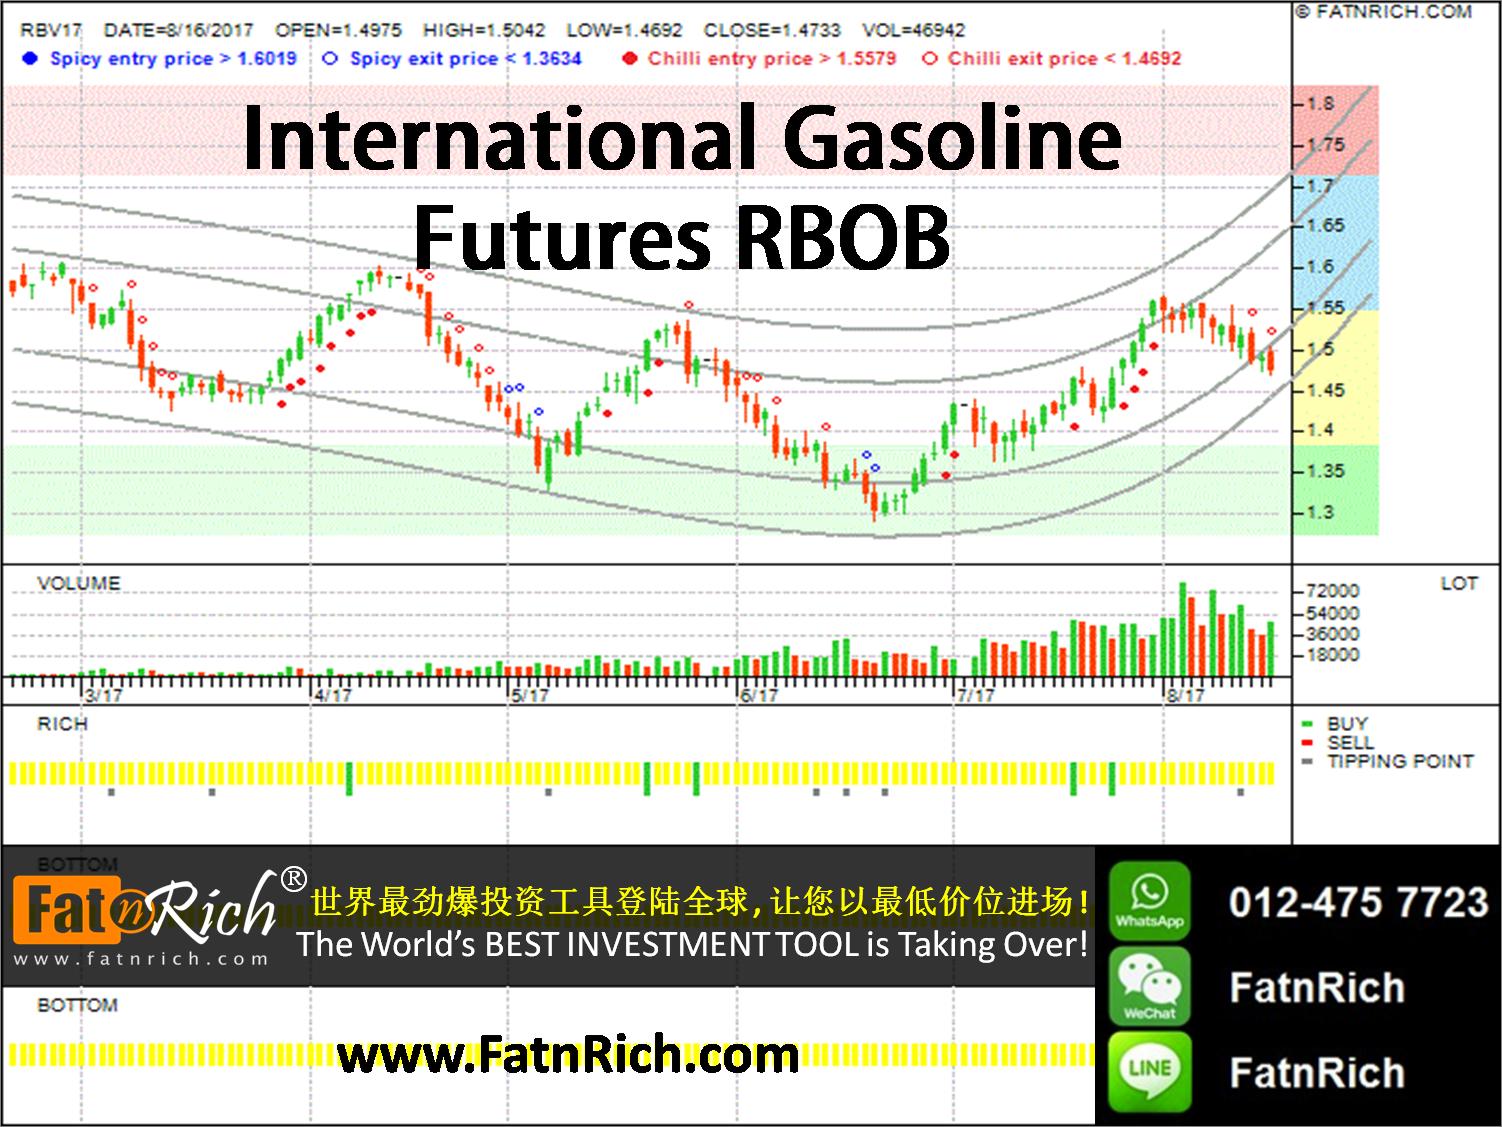 RBOB Gasoline futures symbol: RB